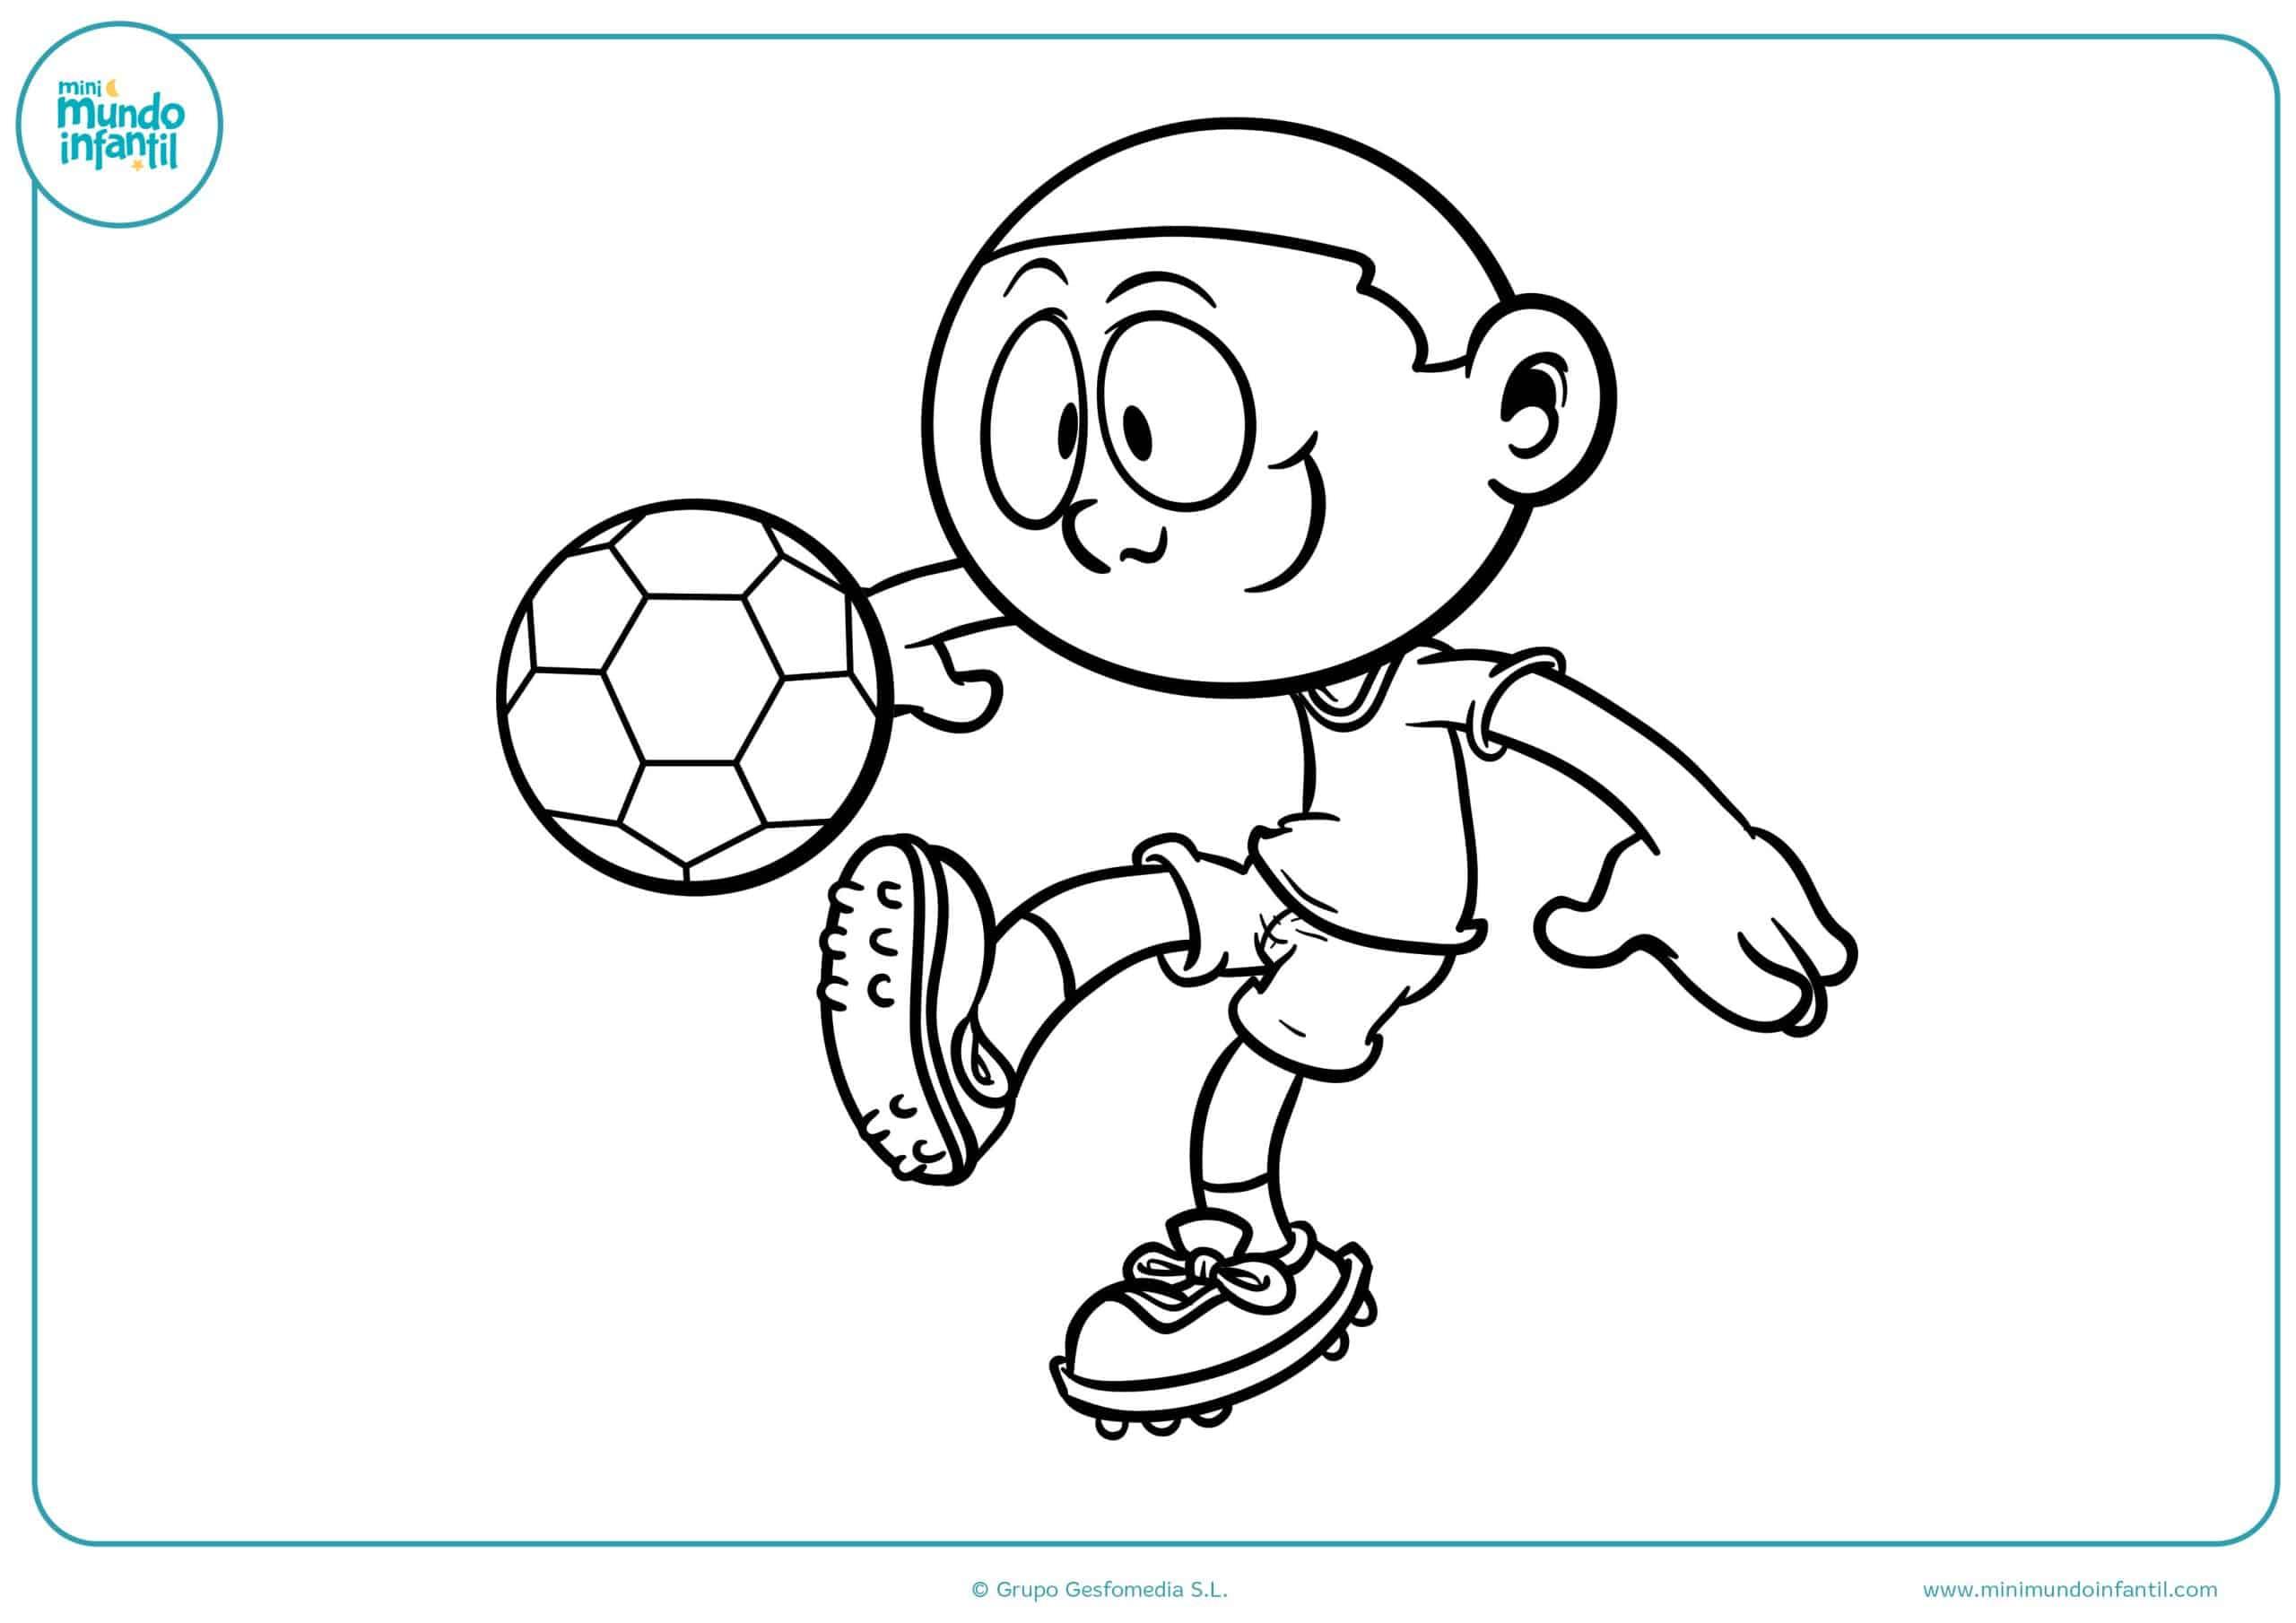 Dibujo De Jugando A Fútbol Para Colorear: Novo Dibujos Para Colorear De Niños Jugando Futbol 2018